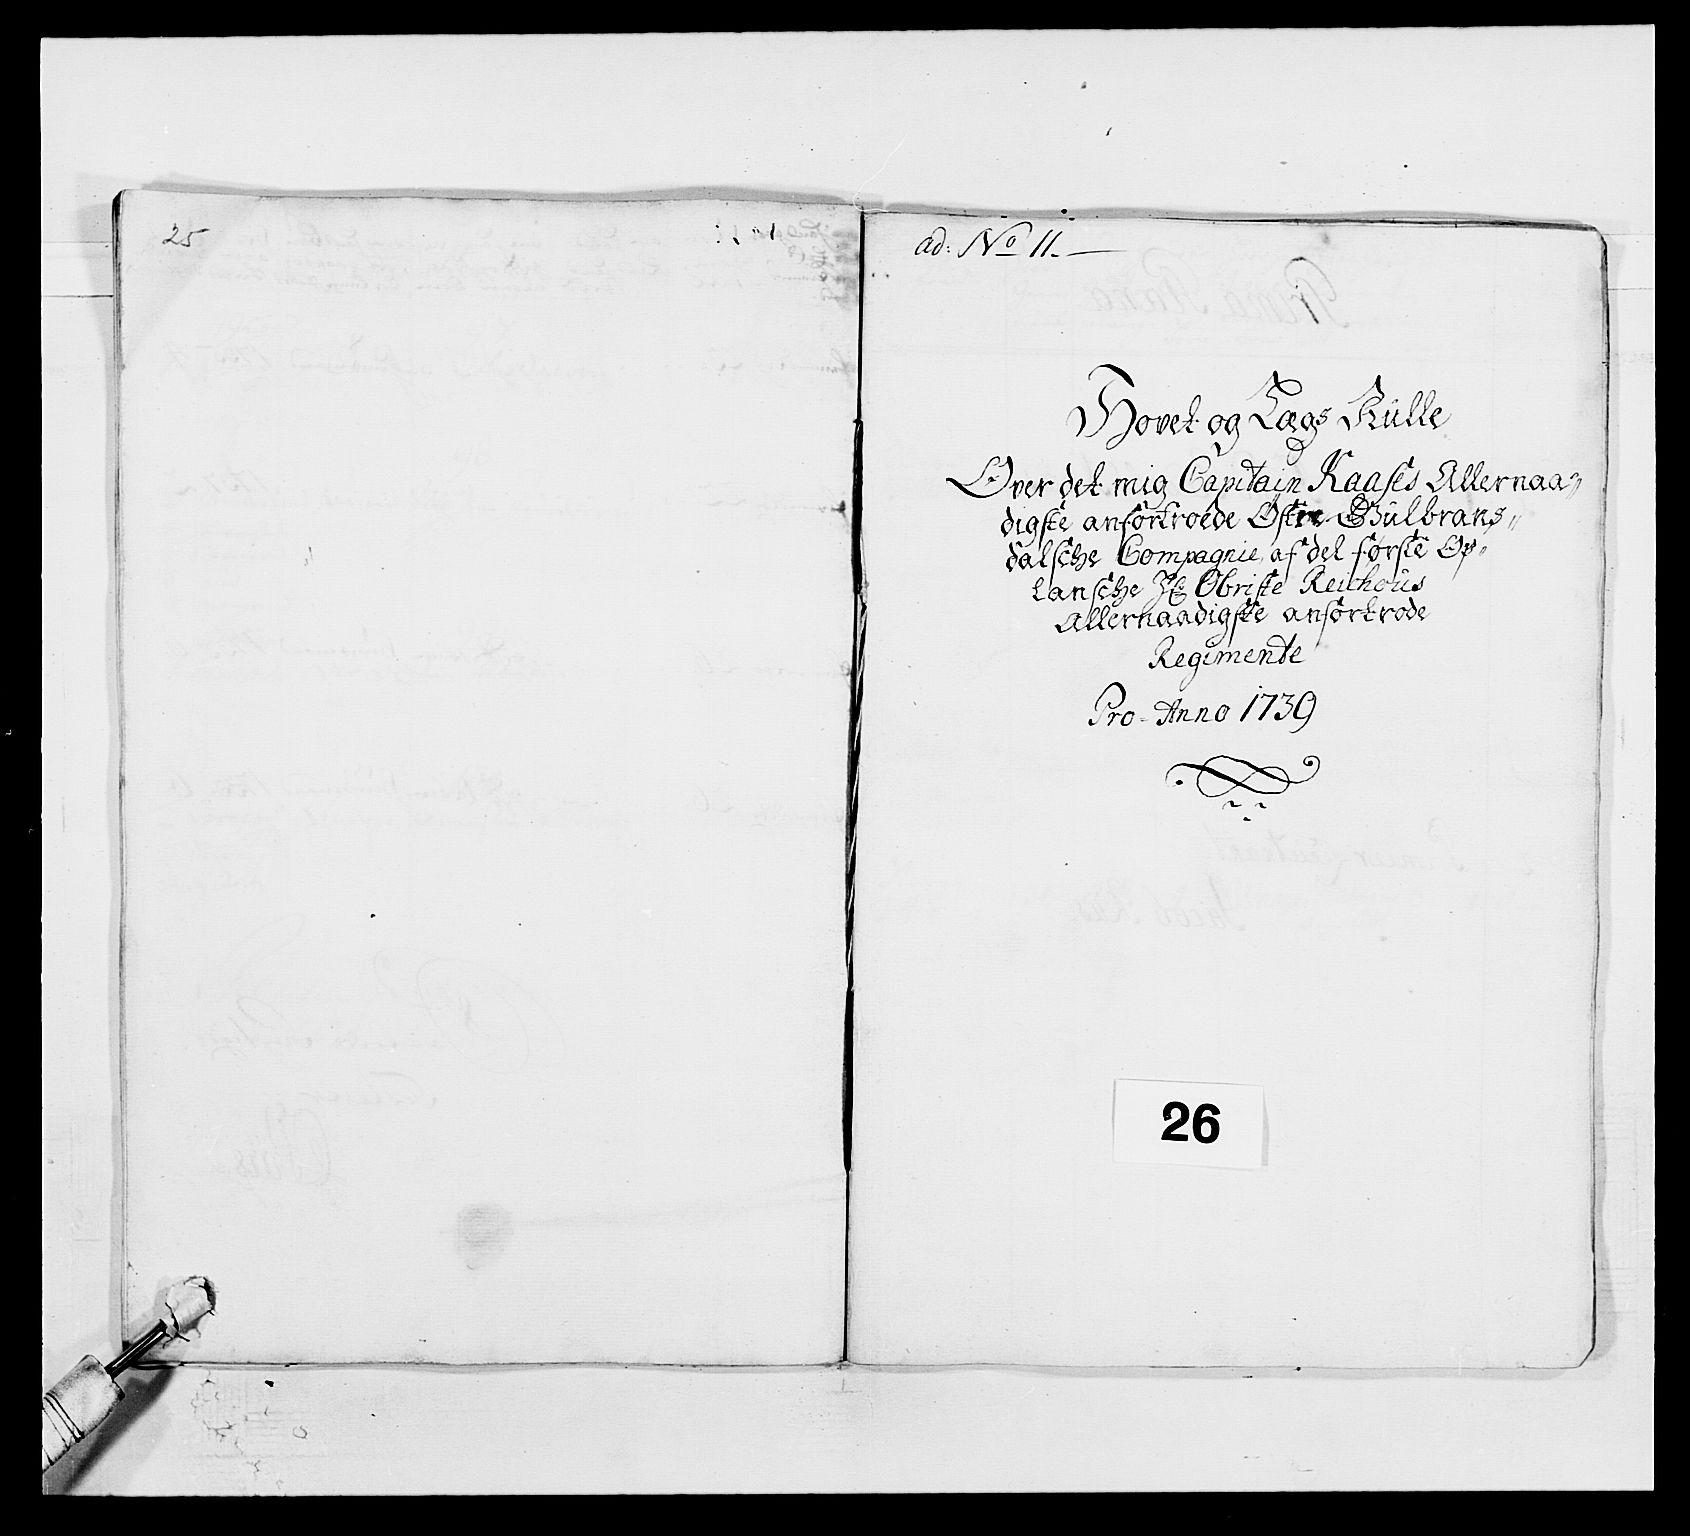 RA, Kommanderende general (KG I) med Det norske krigsdirektorium, E/Ea/L0502: 1. Opplandske regiment, 1720-1743, s. 290